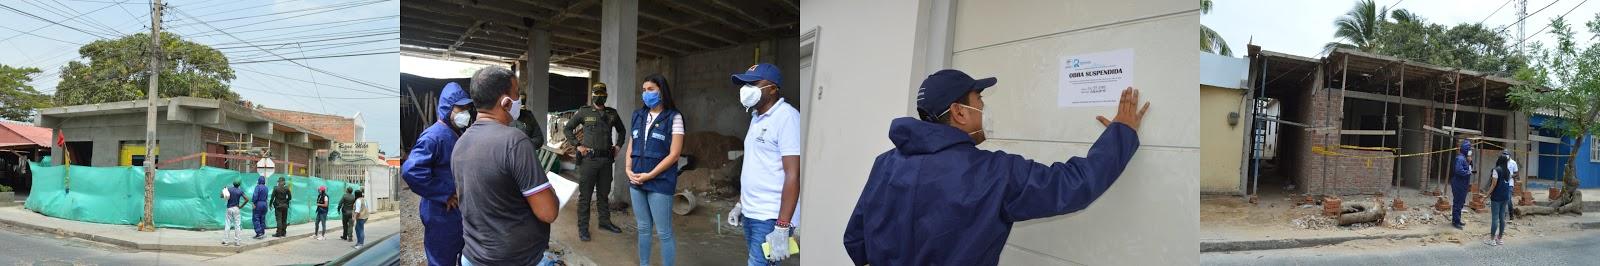 Alcaldía de Riohacha supervisa requisitos en apertura de obras de construcción